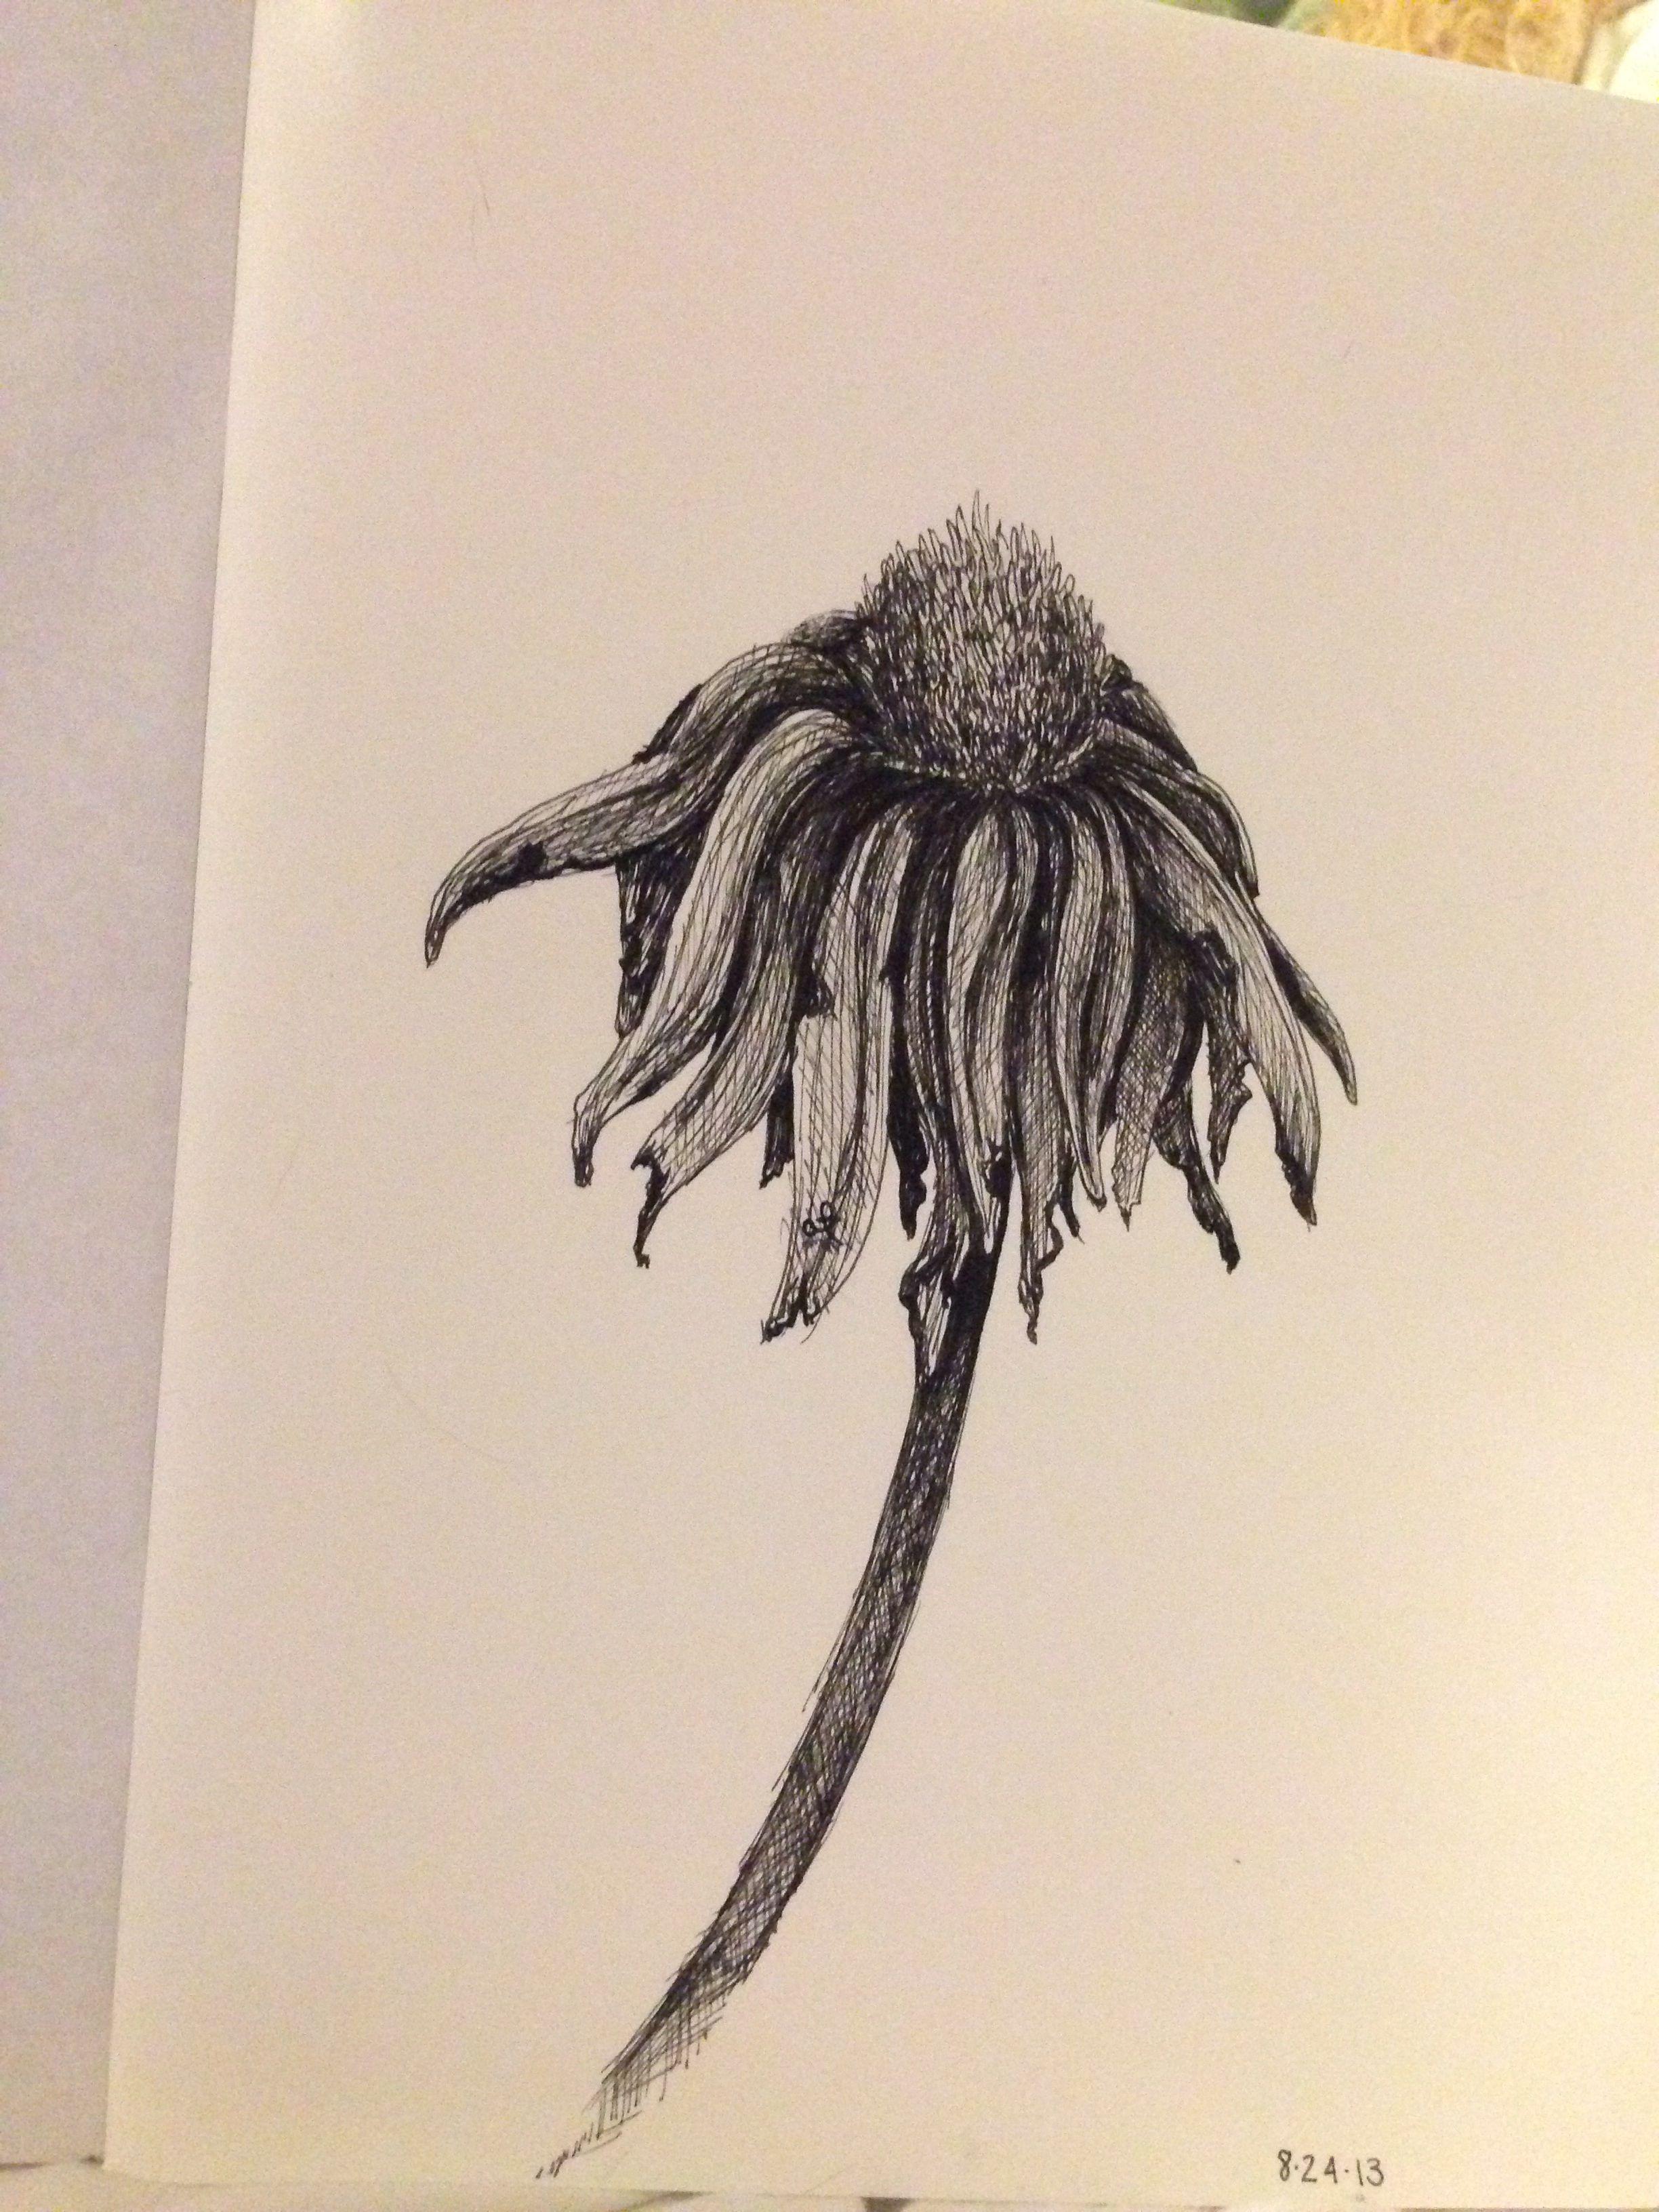 wilting flower drawn by alexis fazio skls portraits